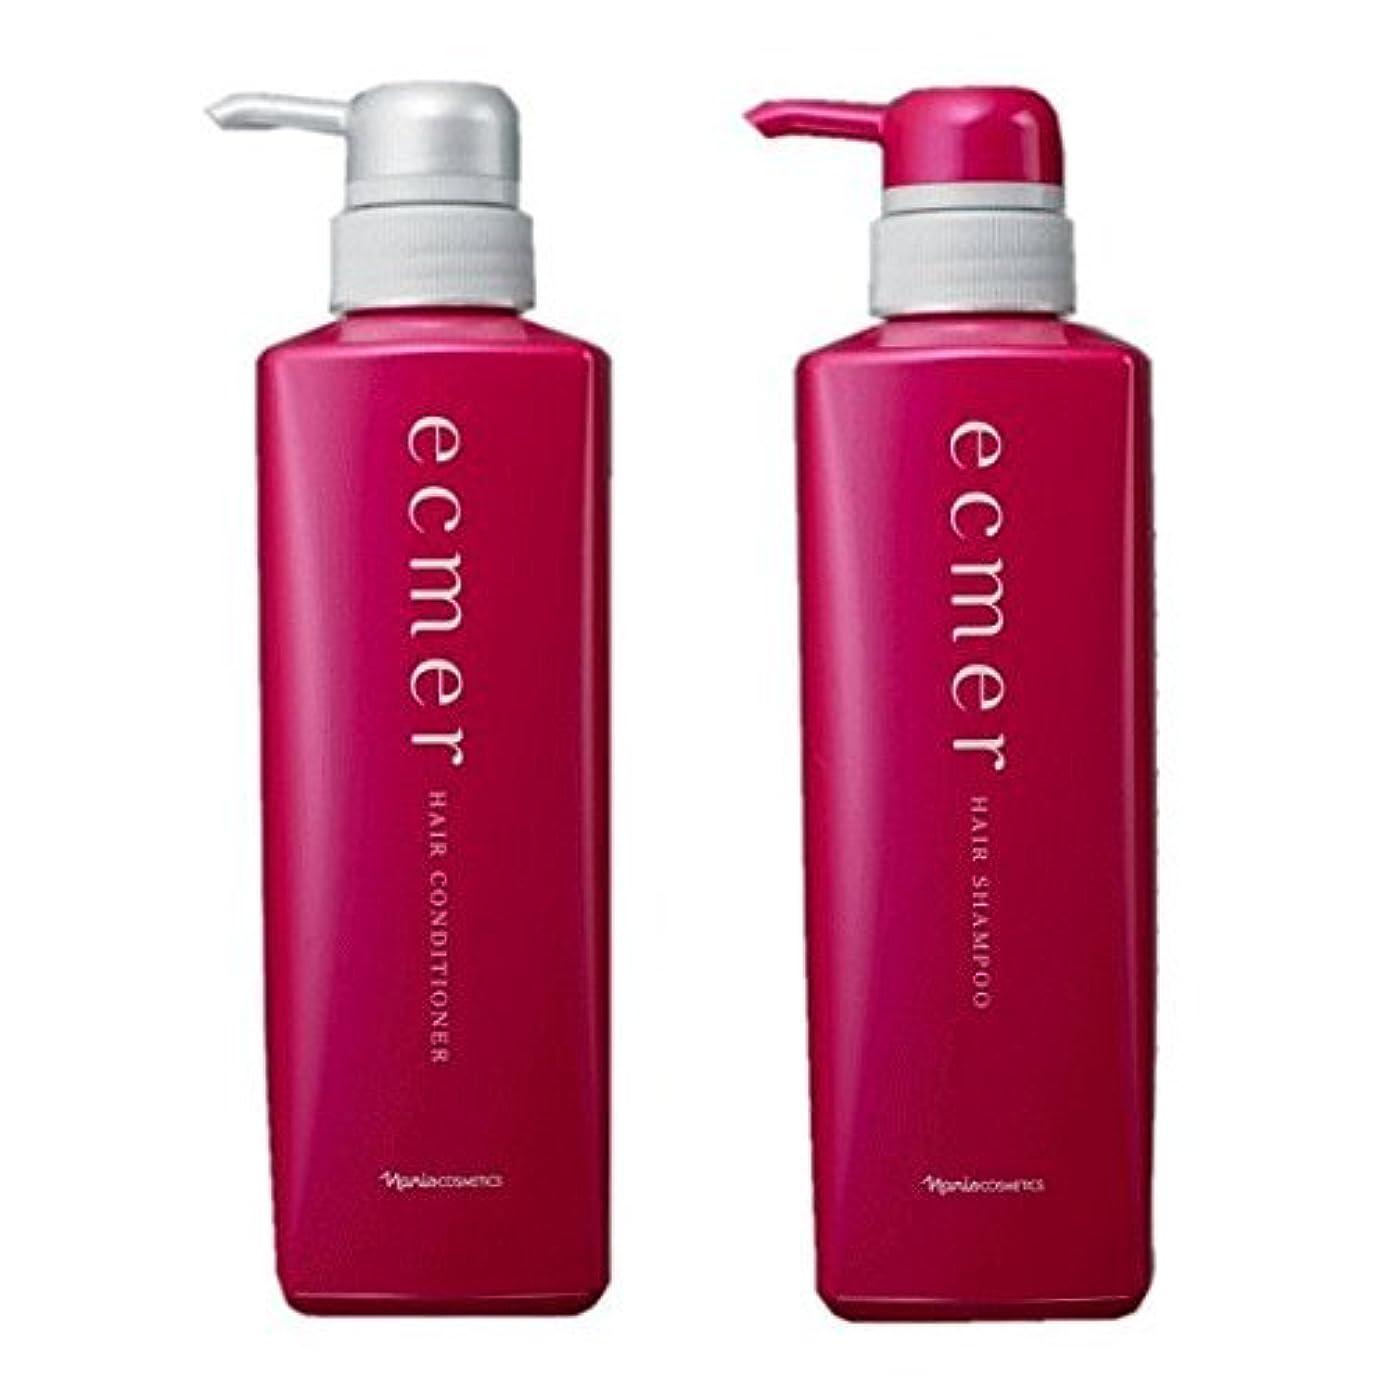 引き出し道を作る水星ecmer/エクメール シャンプー&コンディショナー ナリス化粧品